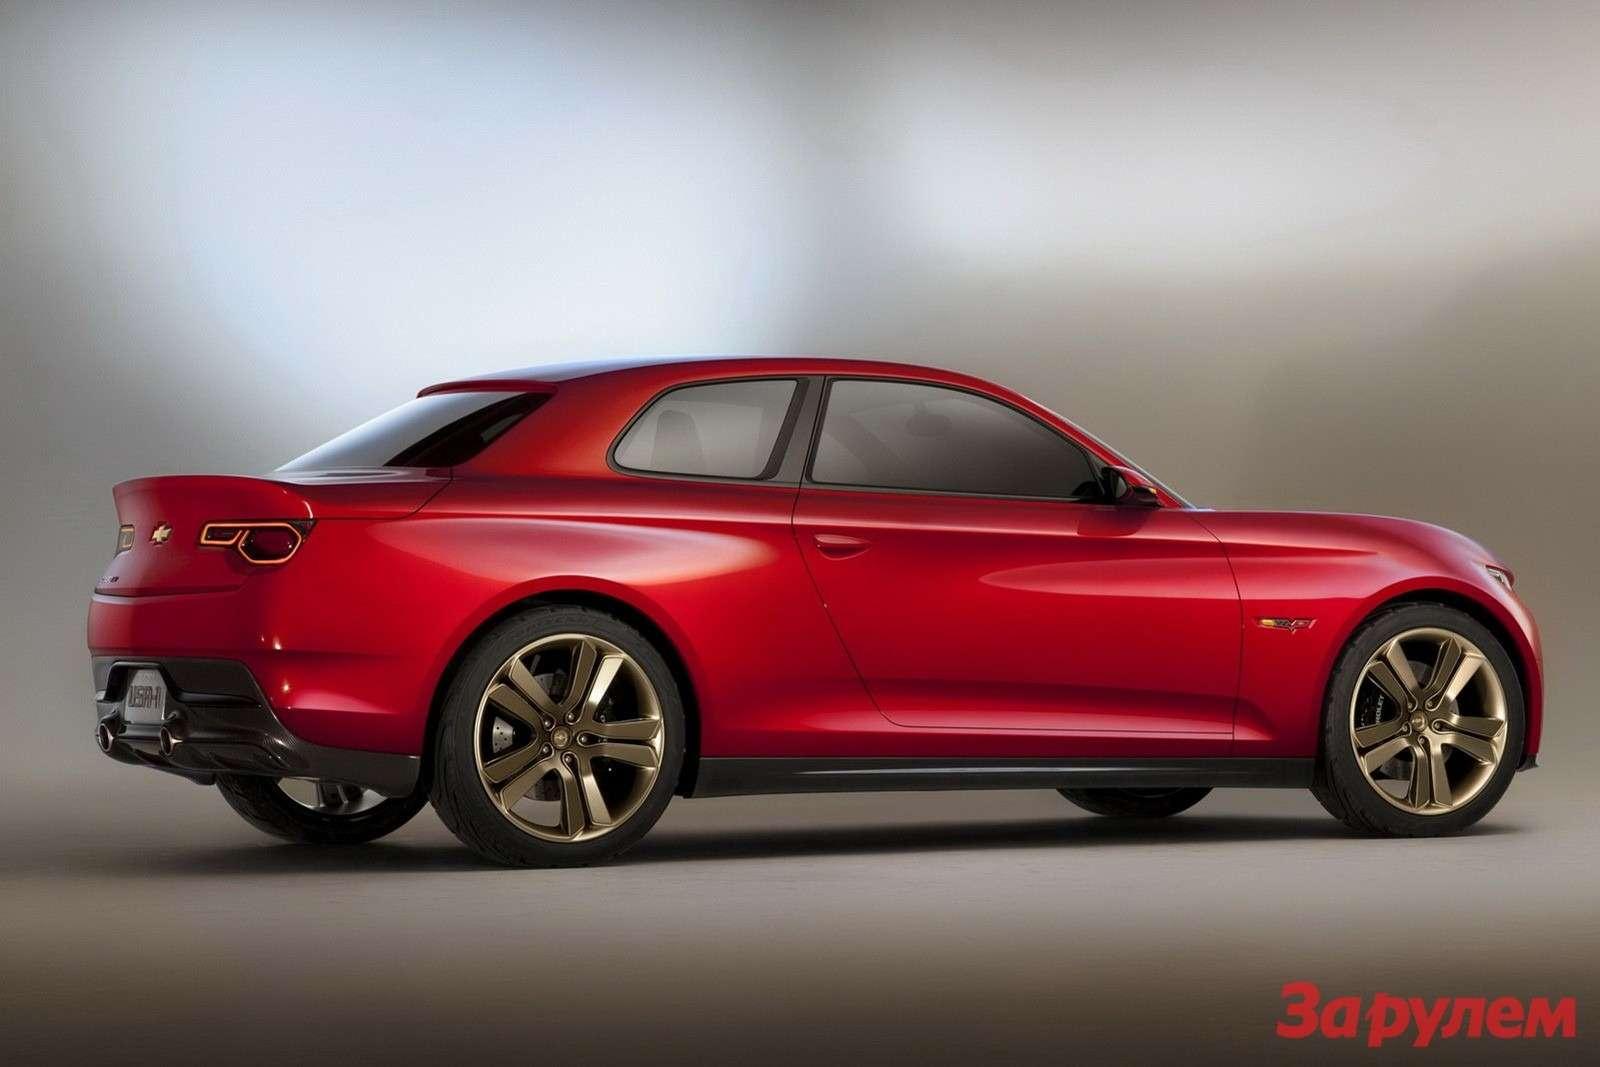 Chevrolet-Concepts-6[2]